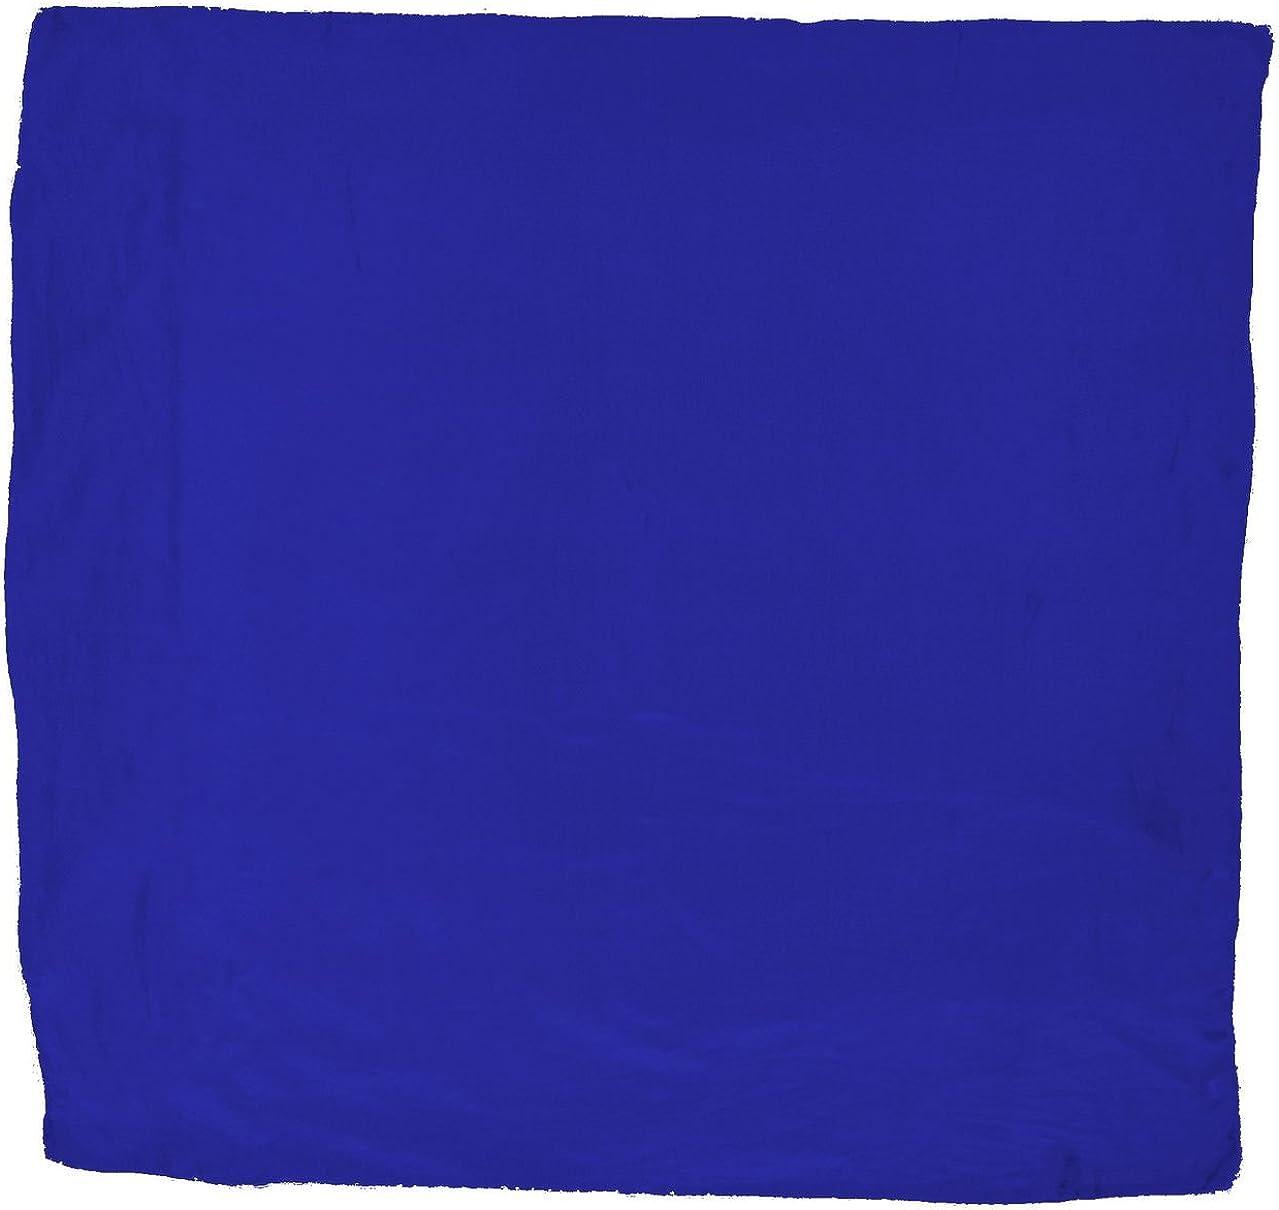 Cowboy Wild Rag Silk Scarf - Royal Blue